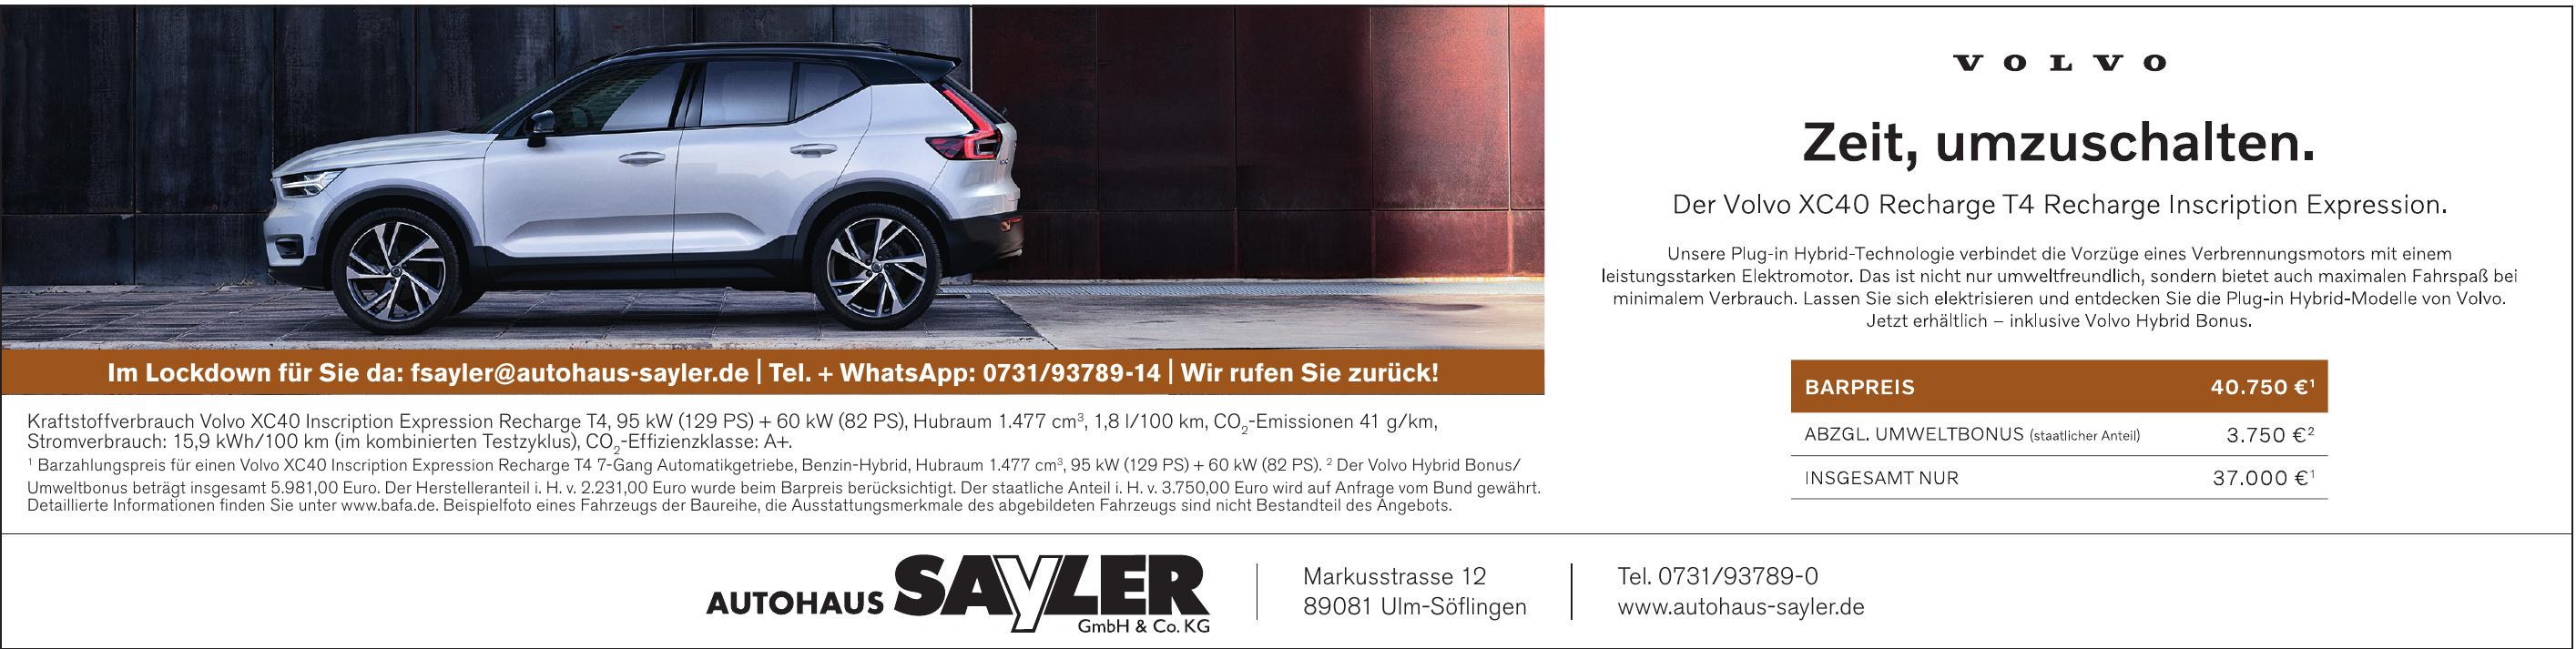 Autohaus Sayeler Gmbh & Co.KG